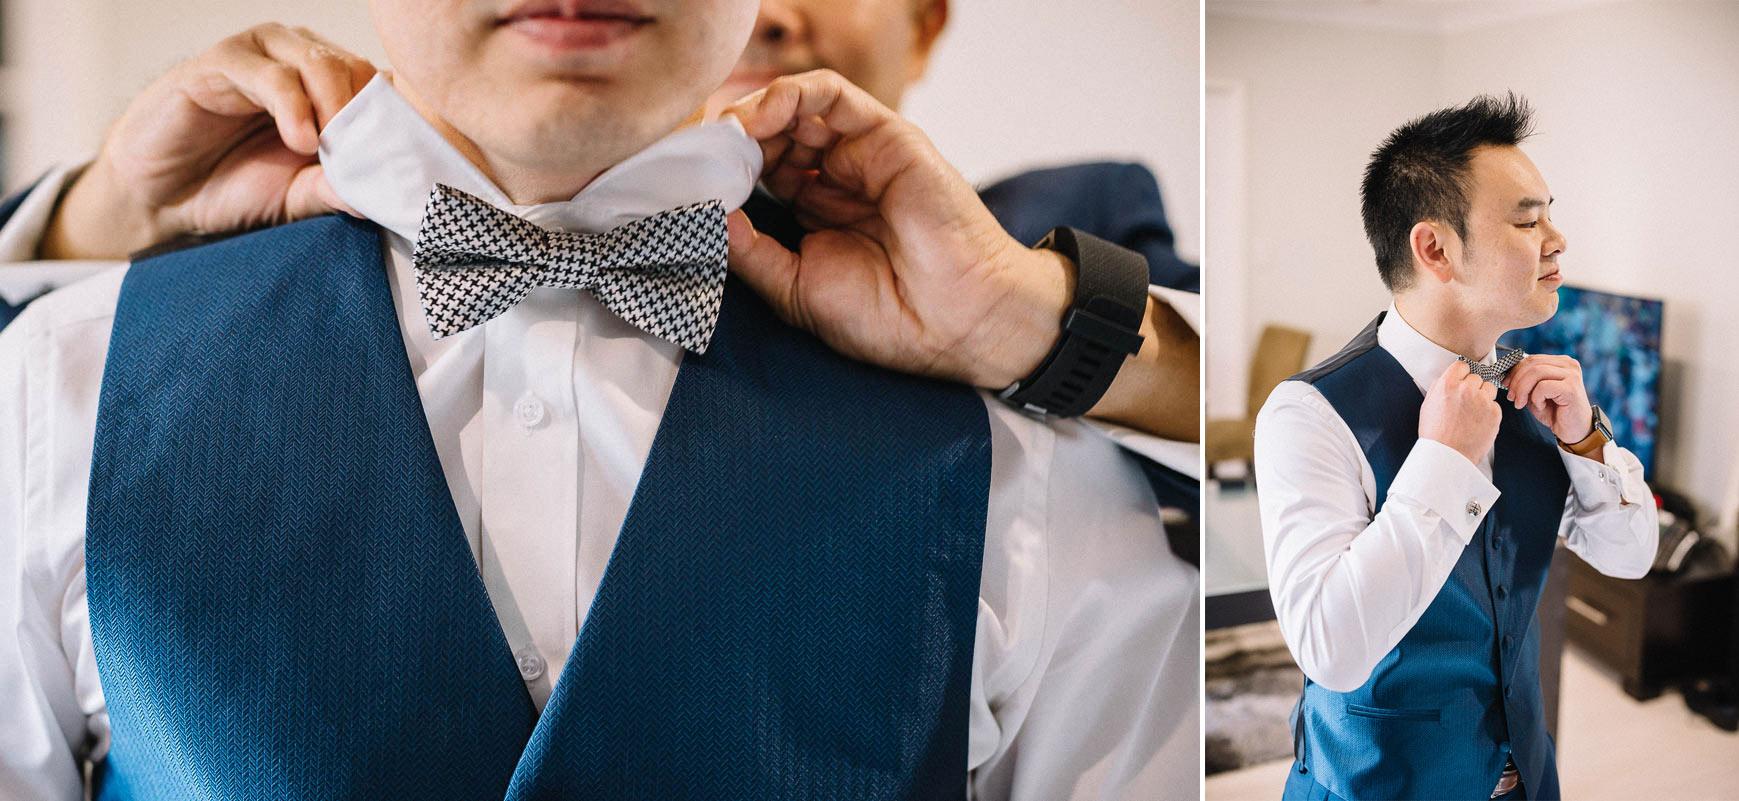 perth-wedding-photography-piotrek-ziolkowski-10.jpg